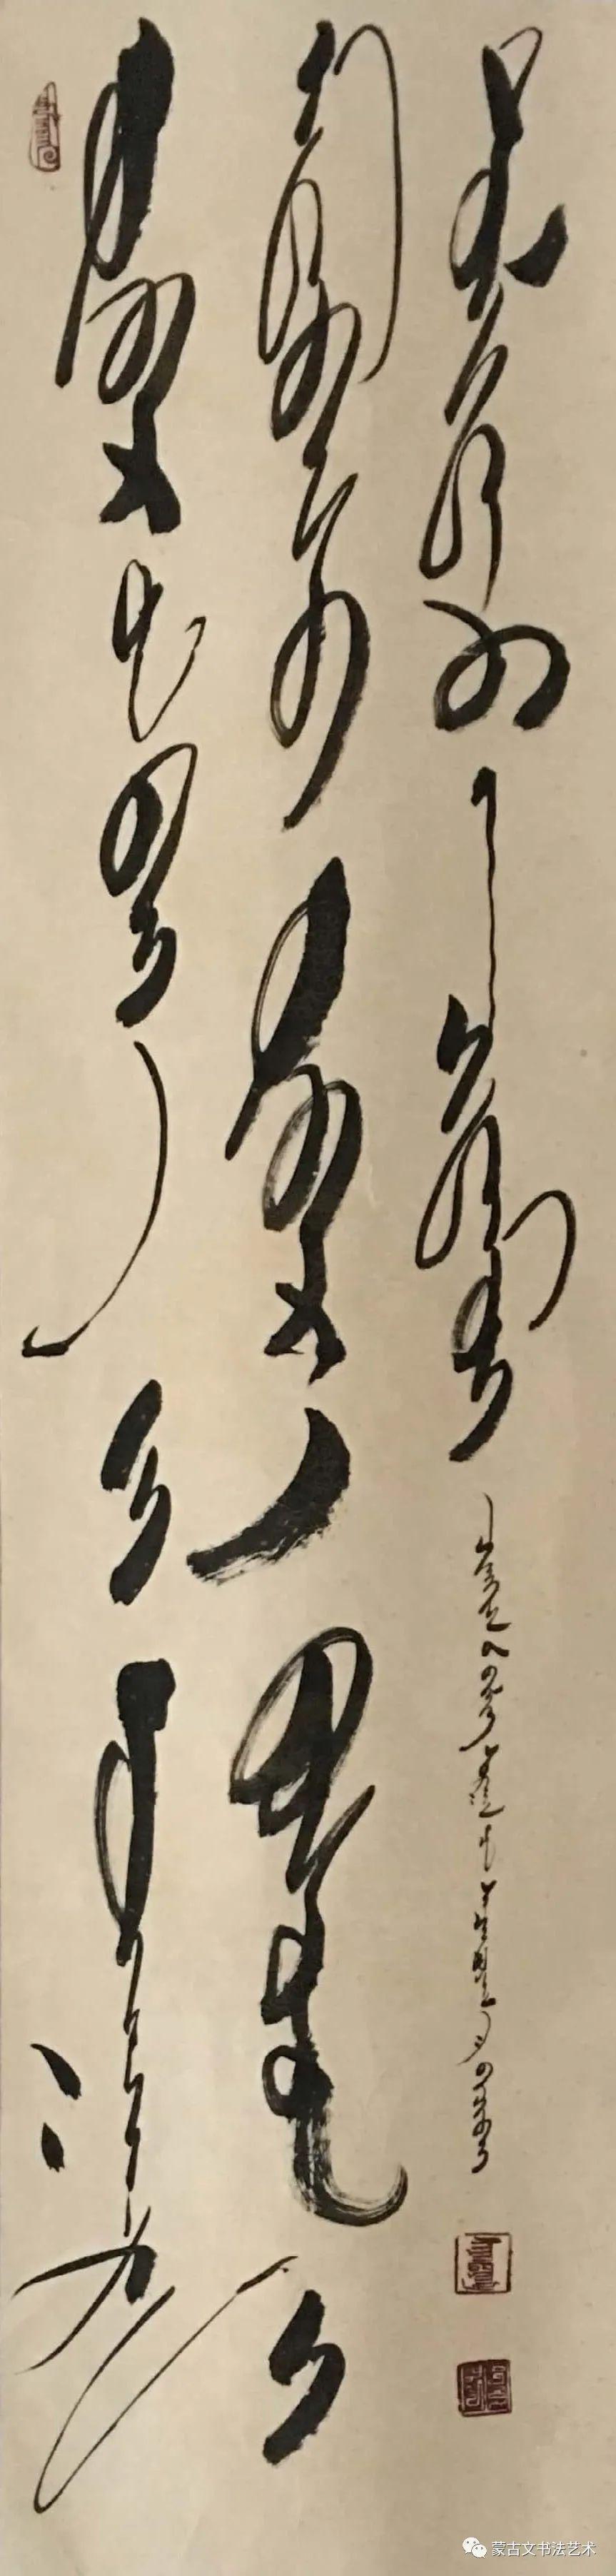 斯琴图雅蒙古文书法作品 第5张 斯琴图雅蒙古文书法作品 蒙古书法